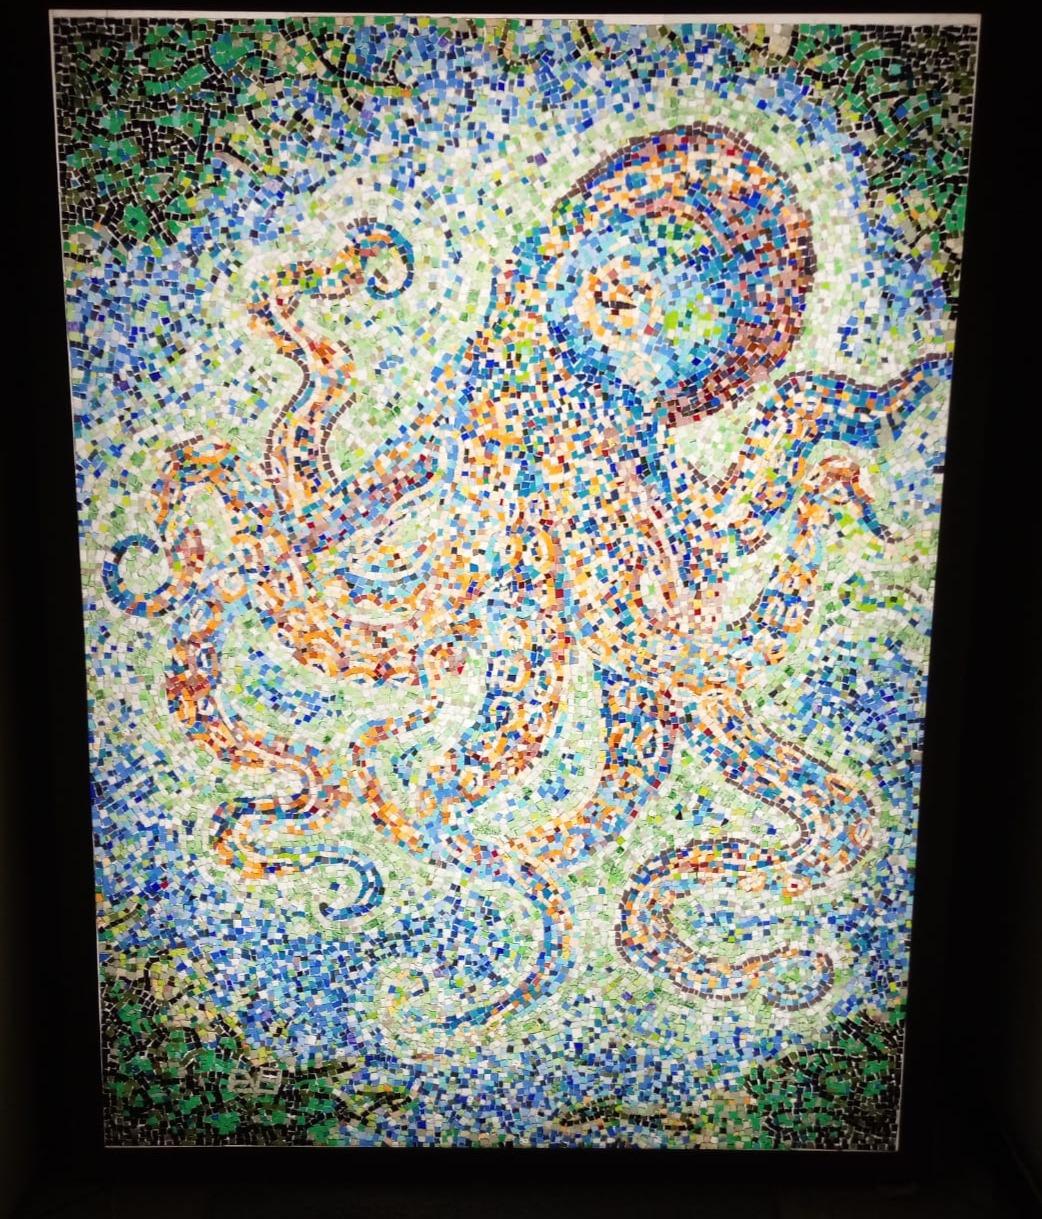 Le Poulpe, mosaïque rétroéclairée